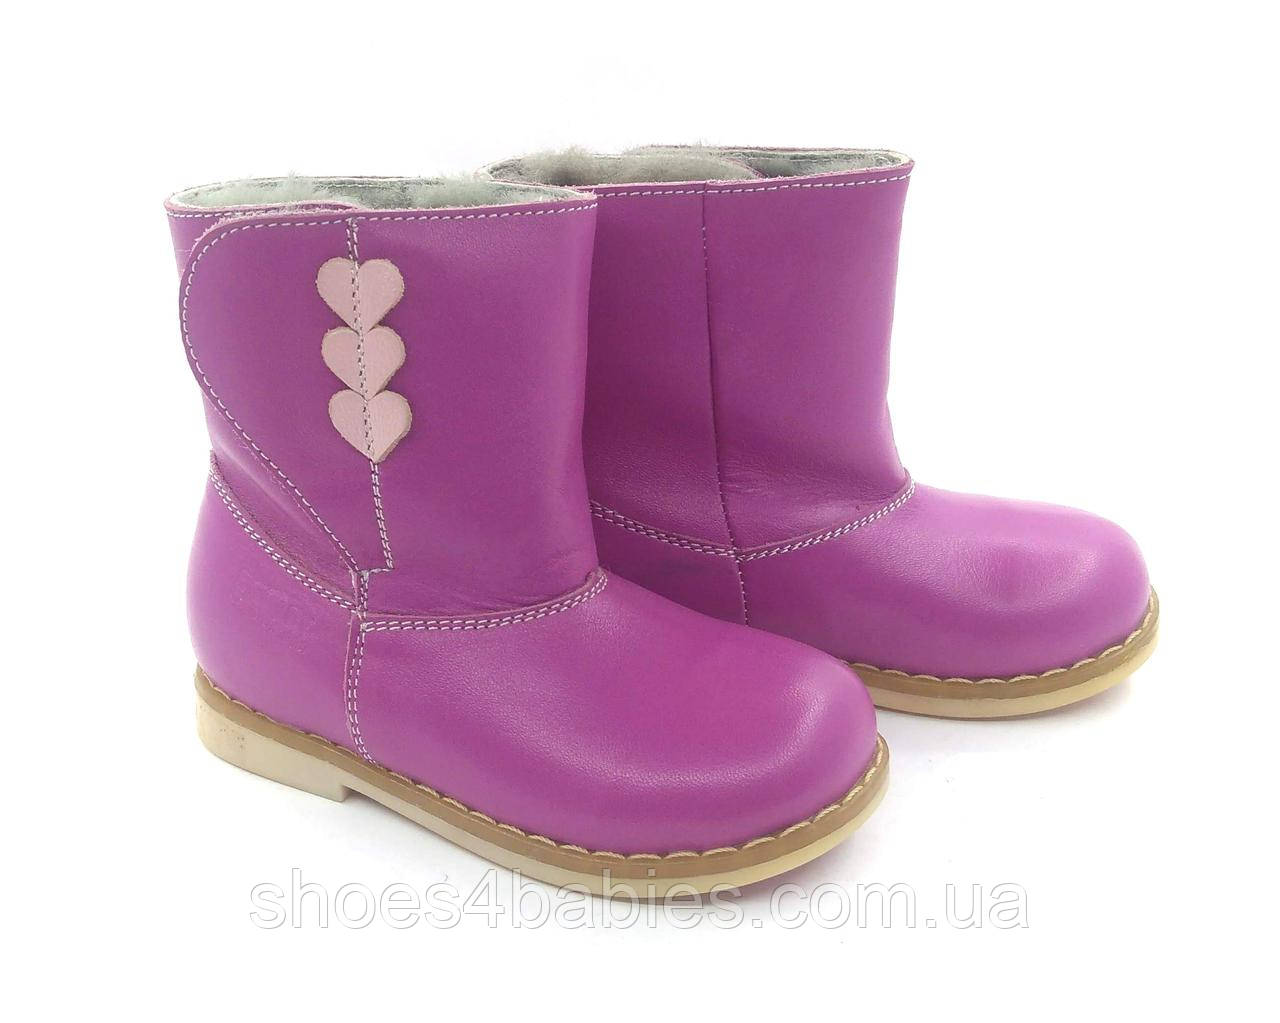 Зимові чобітки ортопедичні Ecoby р. 24 - 16см модель 206F